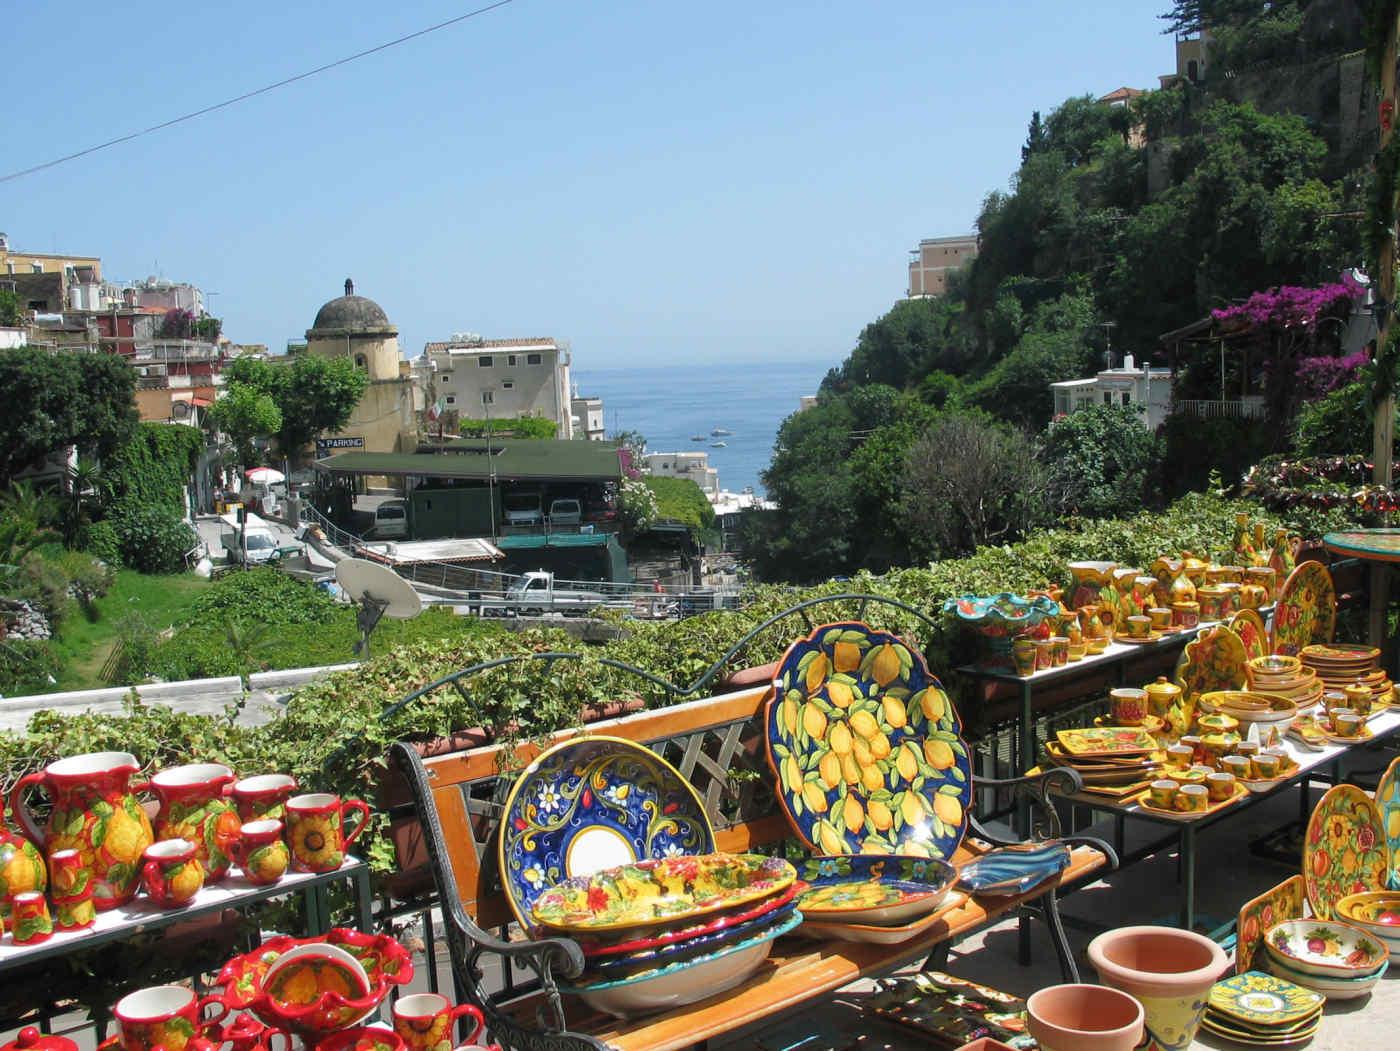 Ceramic Market in Positano Italy